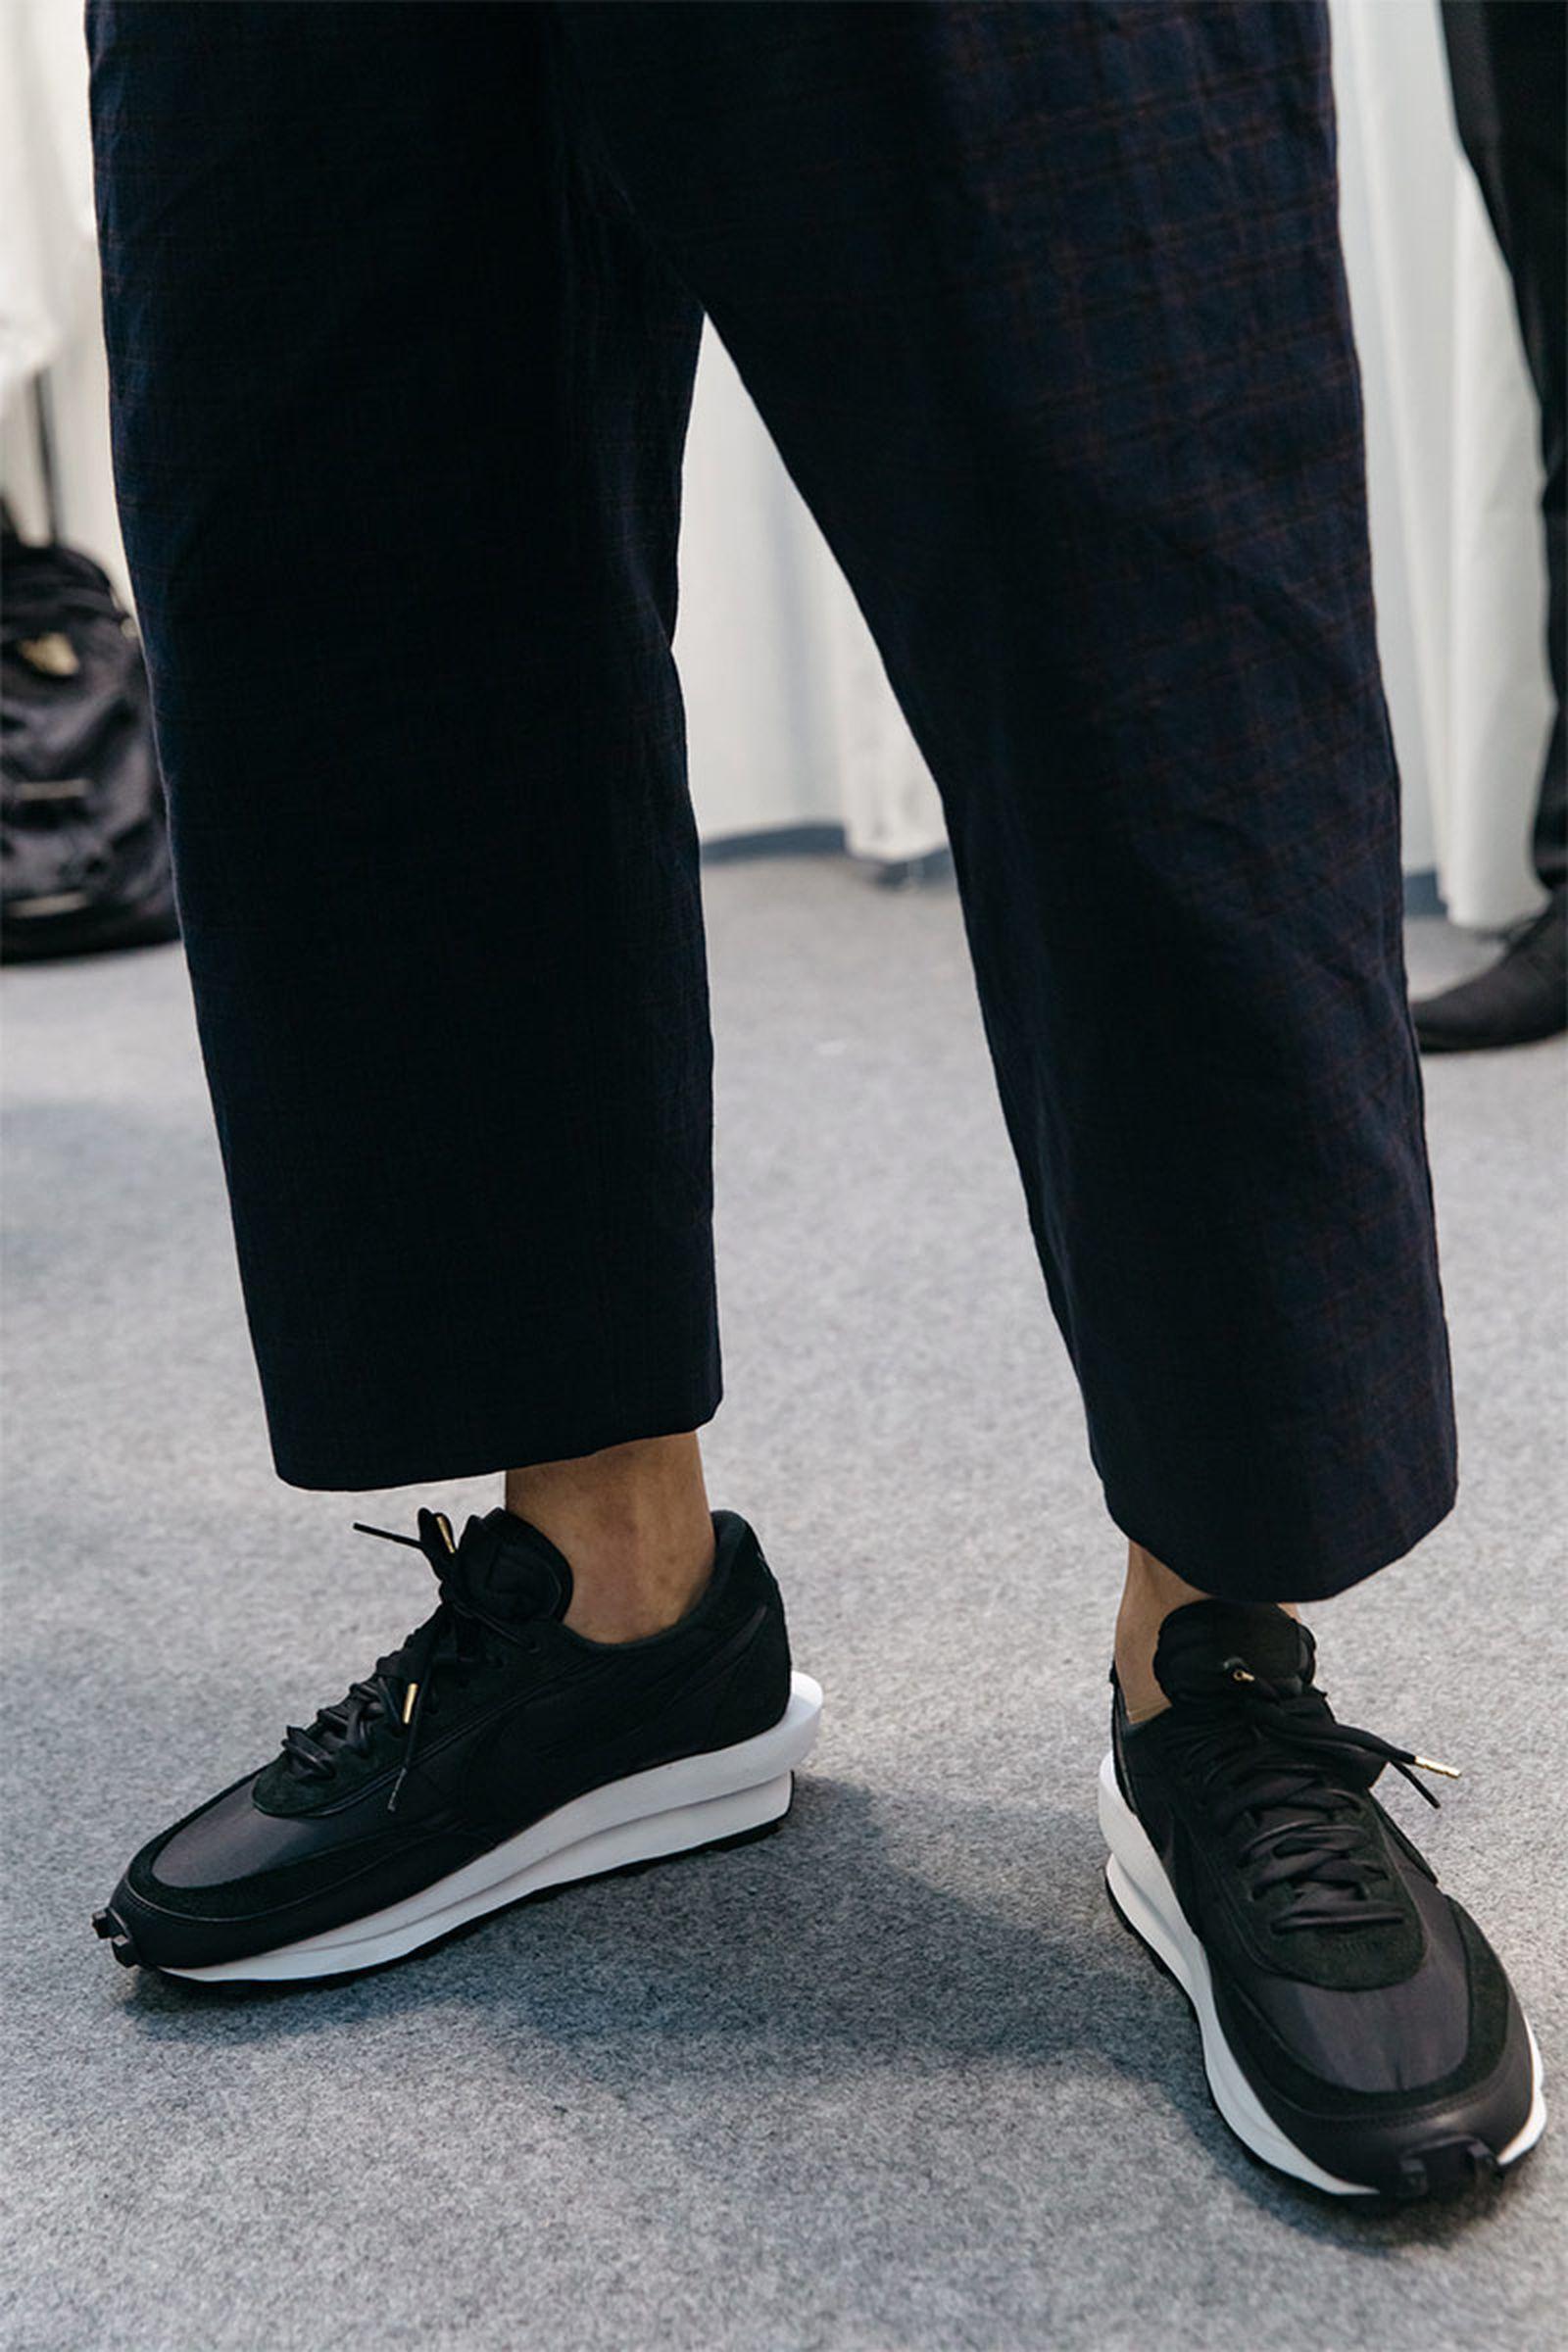 sacai ss20 menswear collection Louis Vuitton Nike OAMC